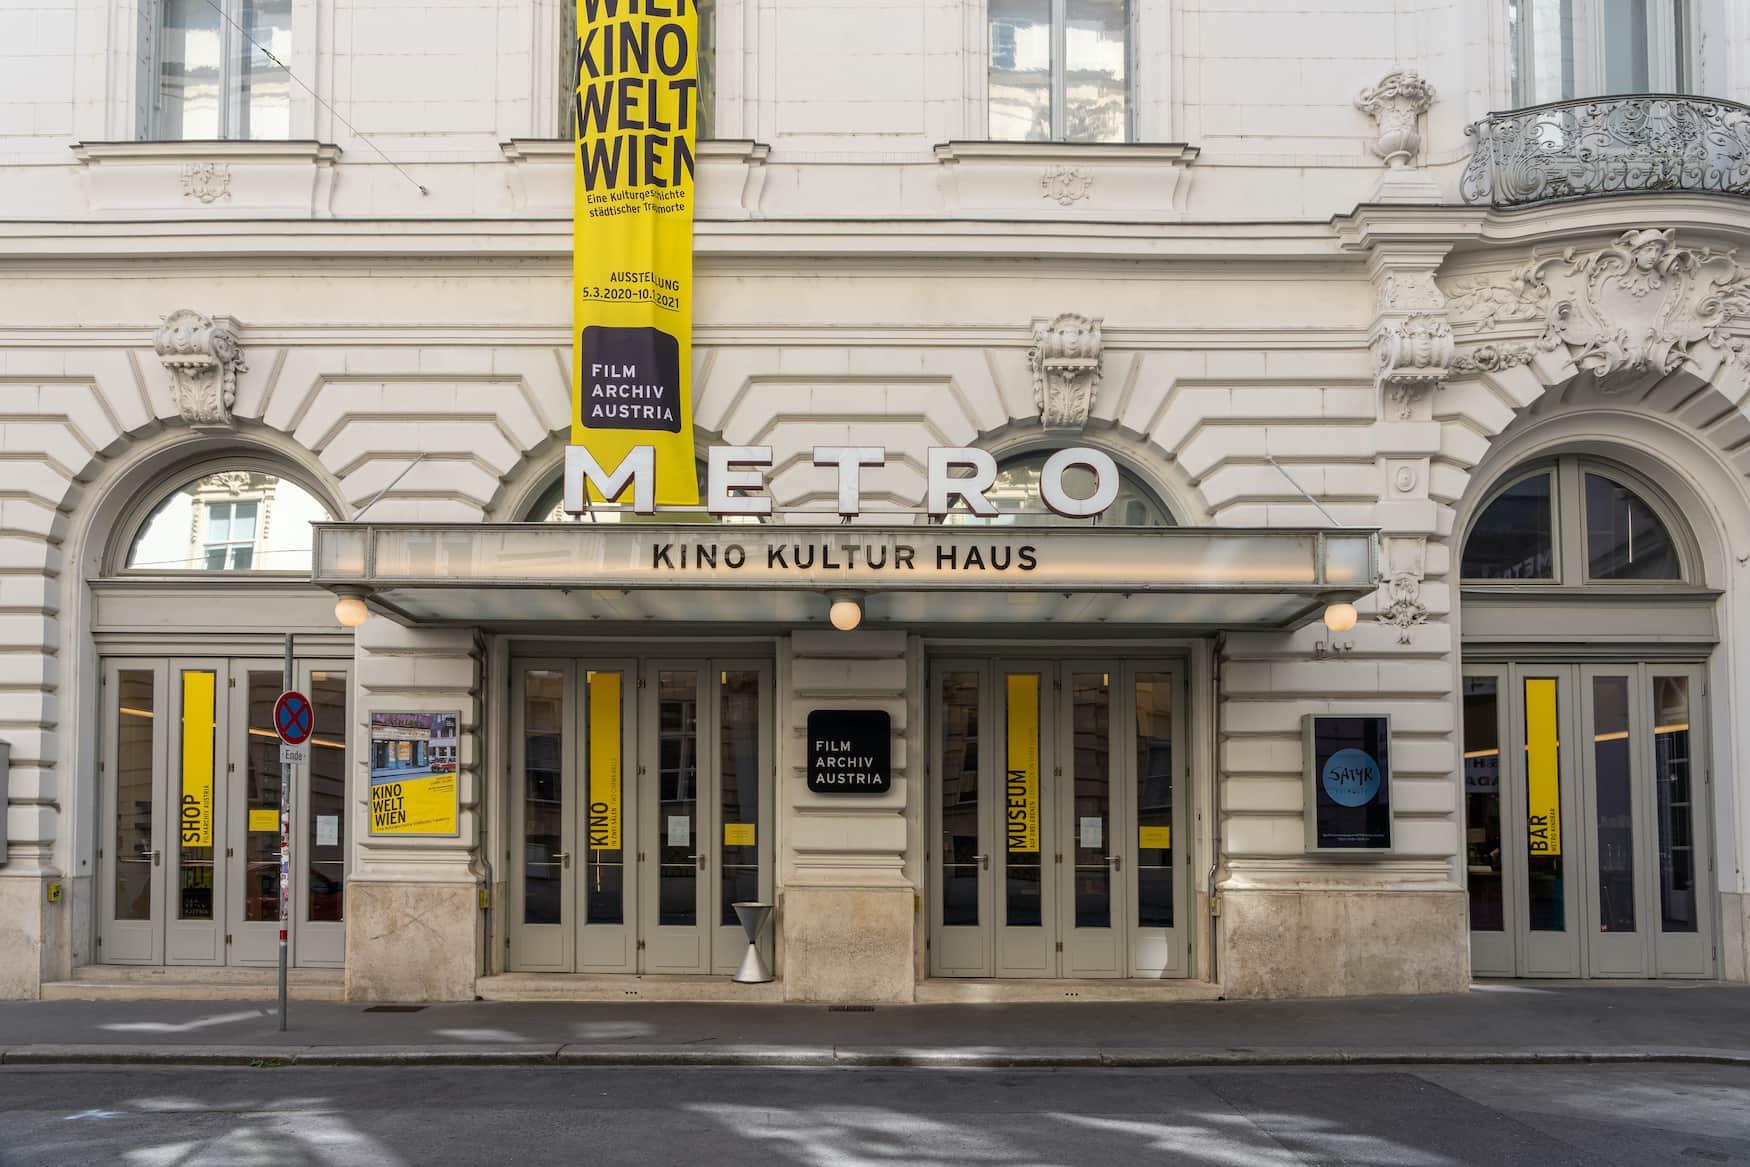 Das Metro Kulturkino in Wien auf der Johannesgasse